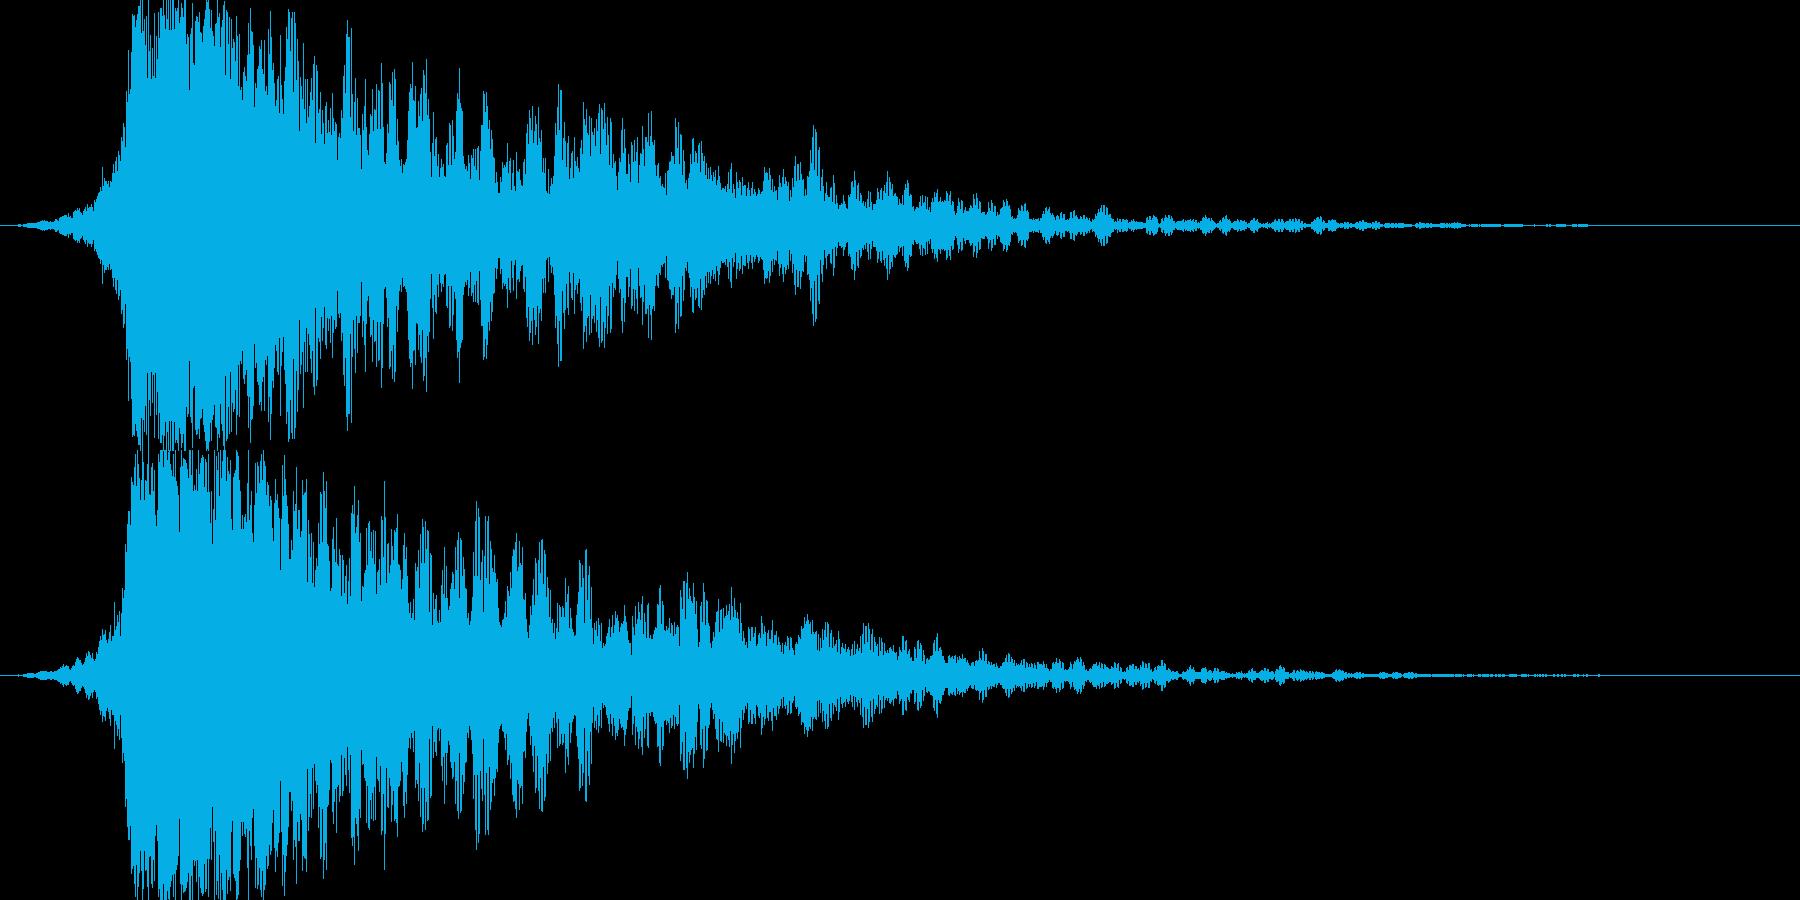 あの特殊な☆魔法☆効果音の第3弾です!の再生済みの波形